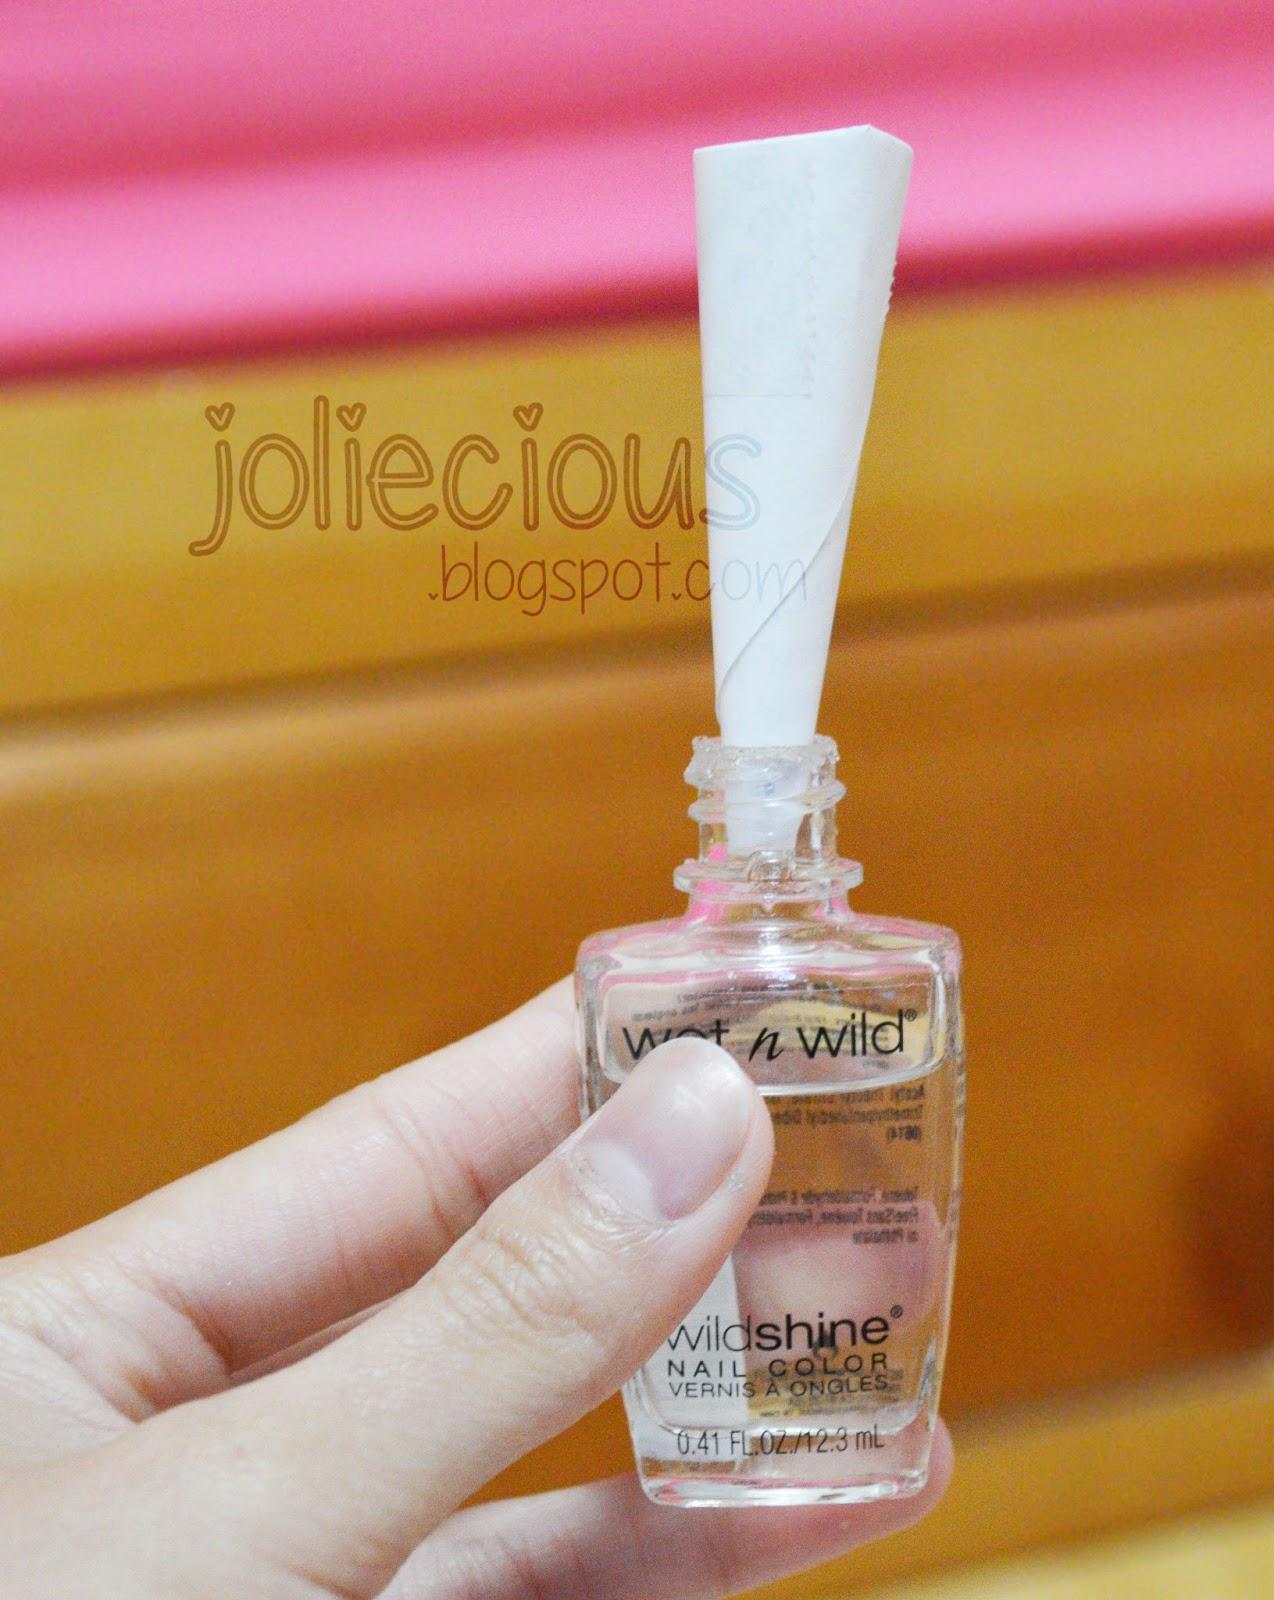 How to Repurpose or Reuse Old Eyeshadow | Joliecious